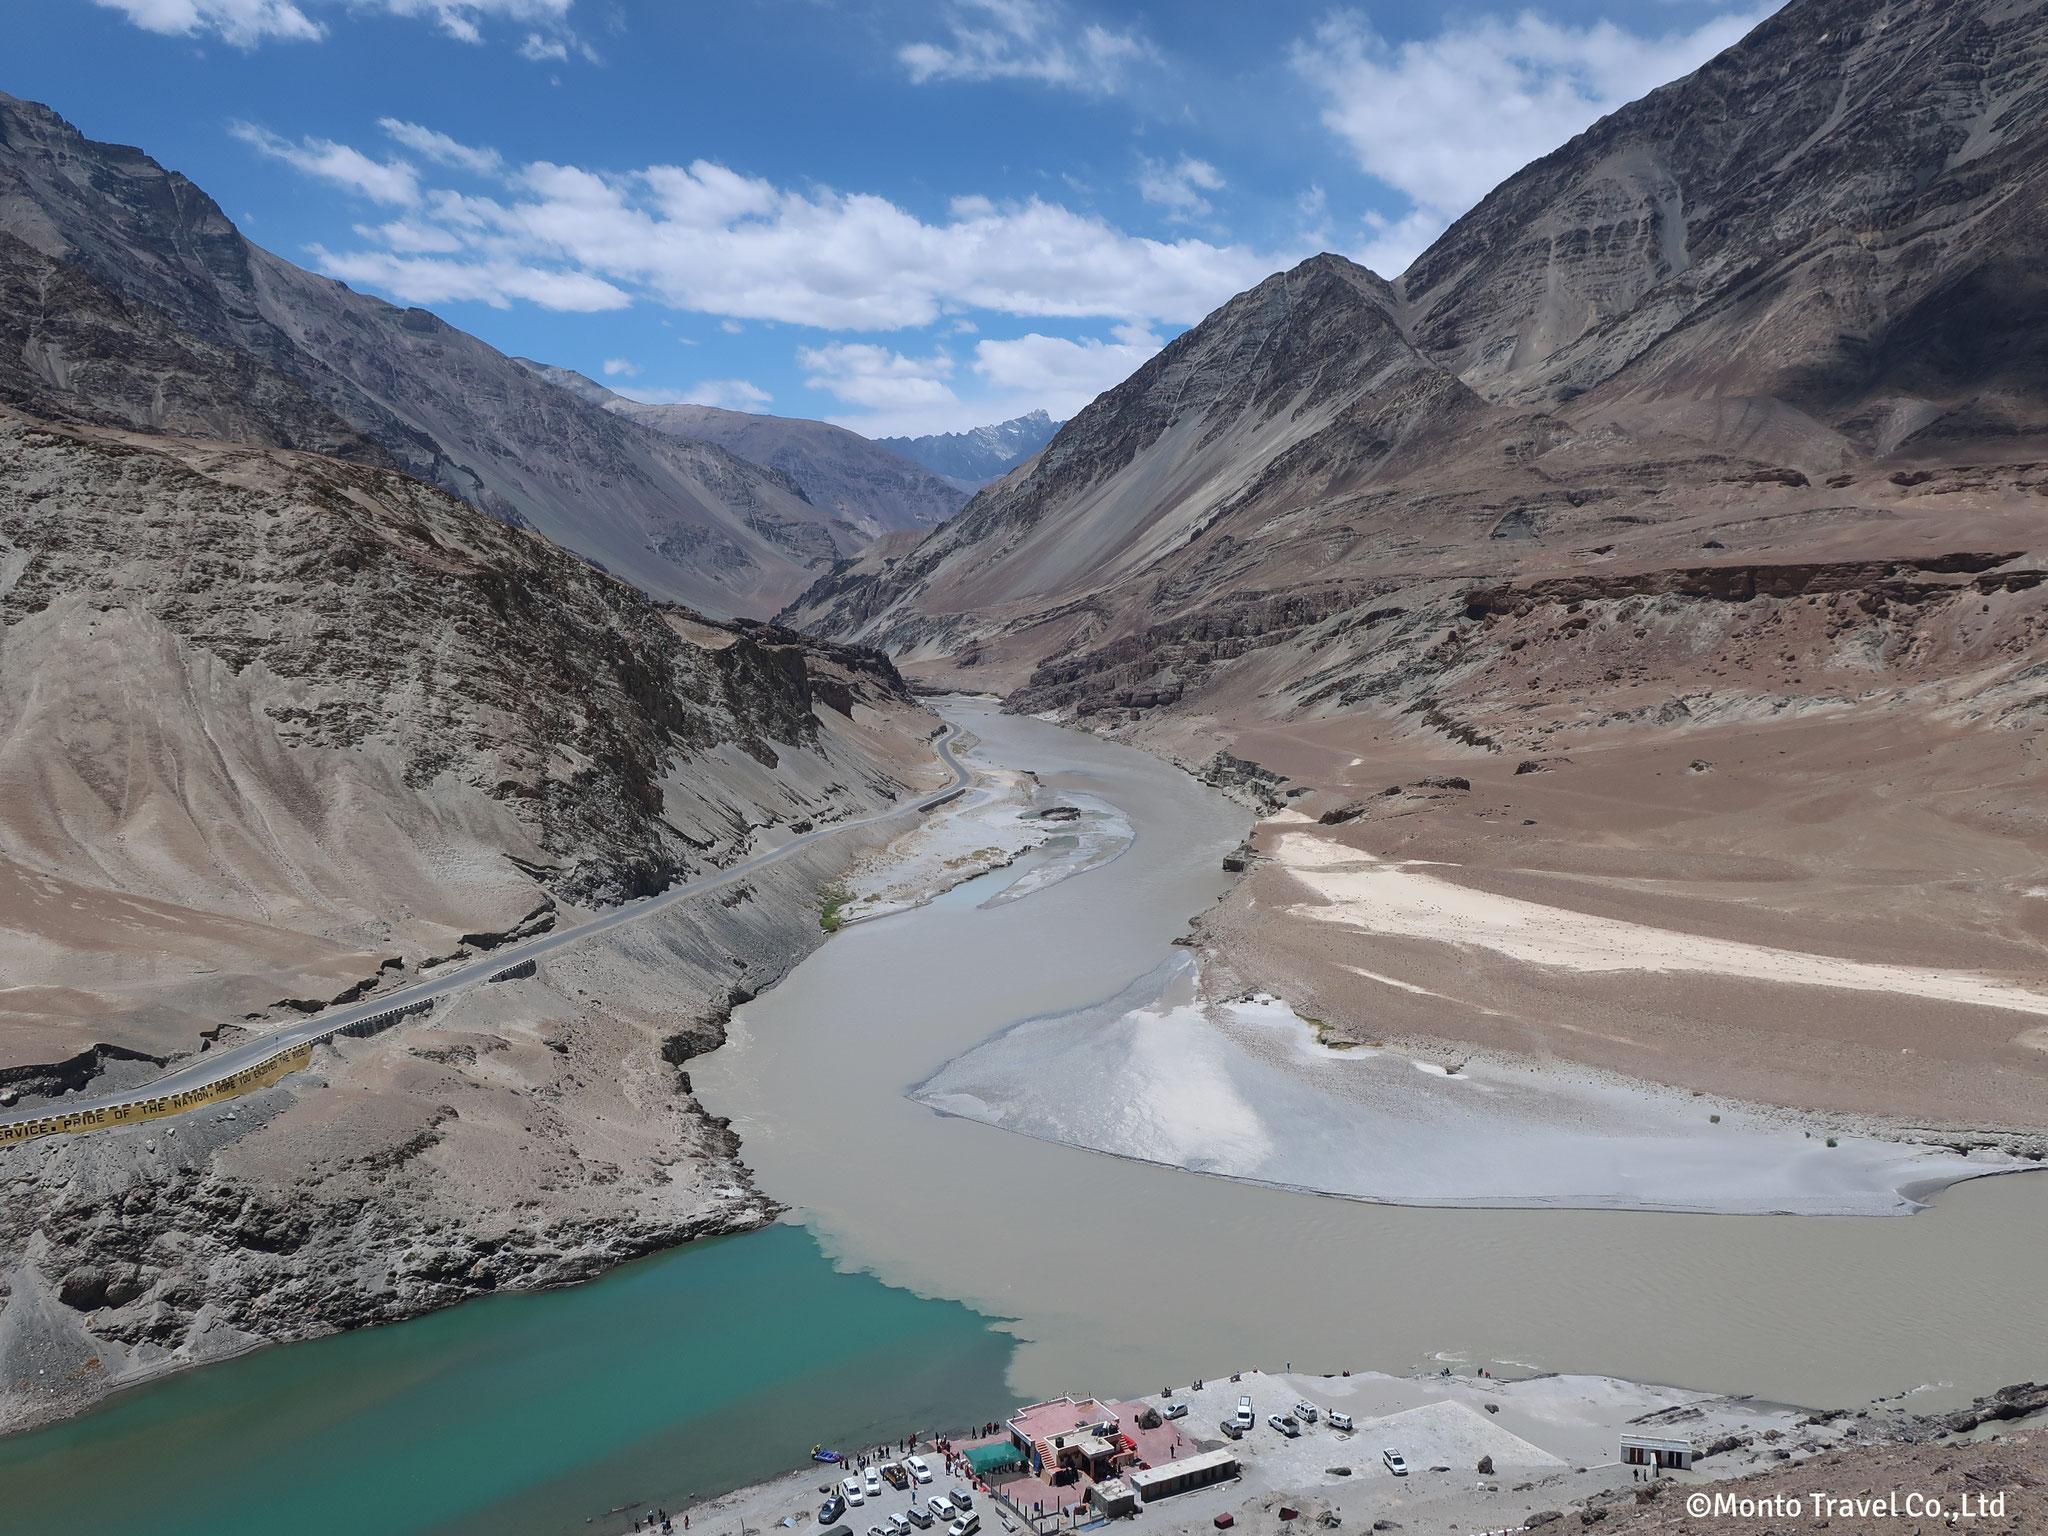 インダス河とザンスカール川の合流点